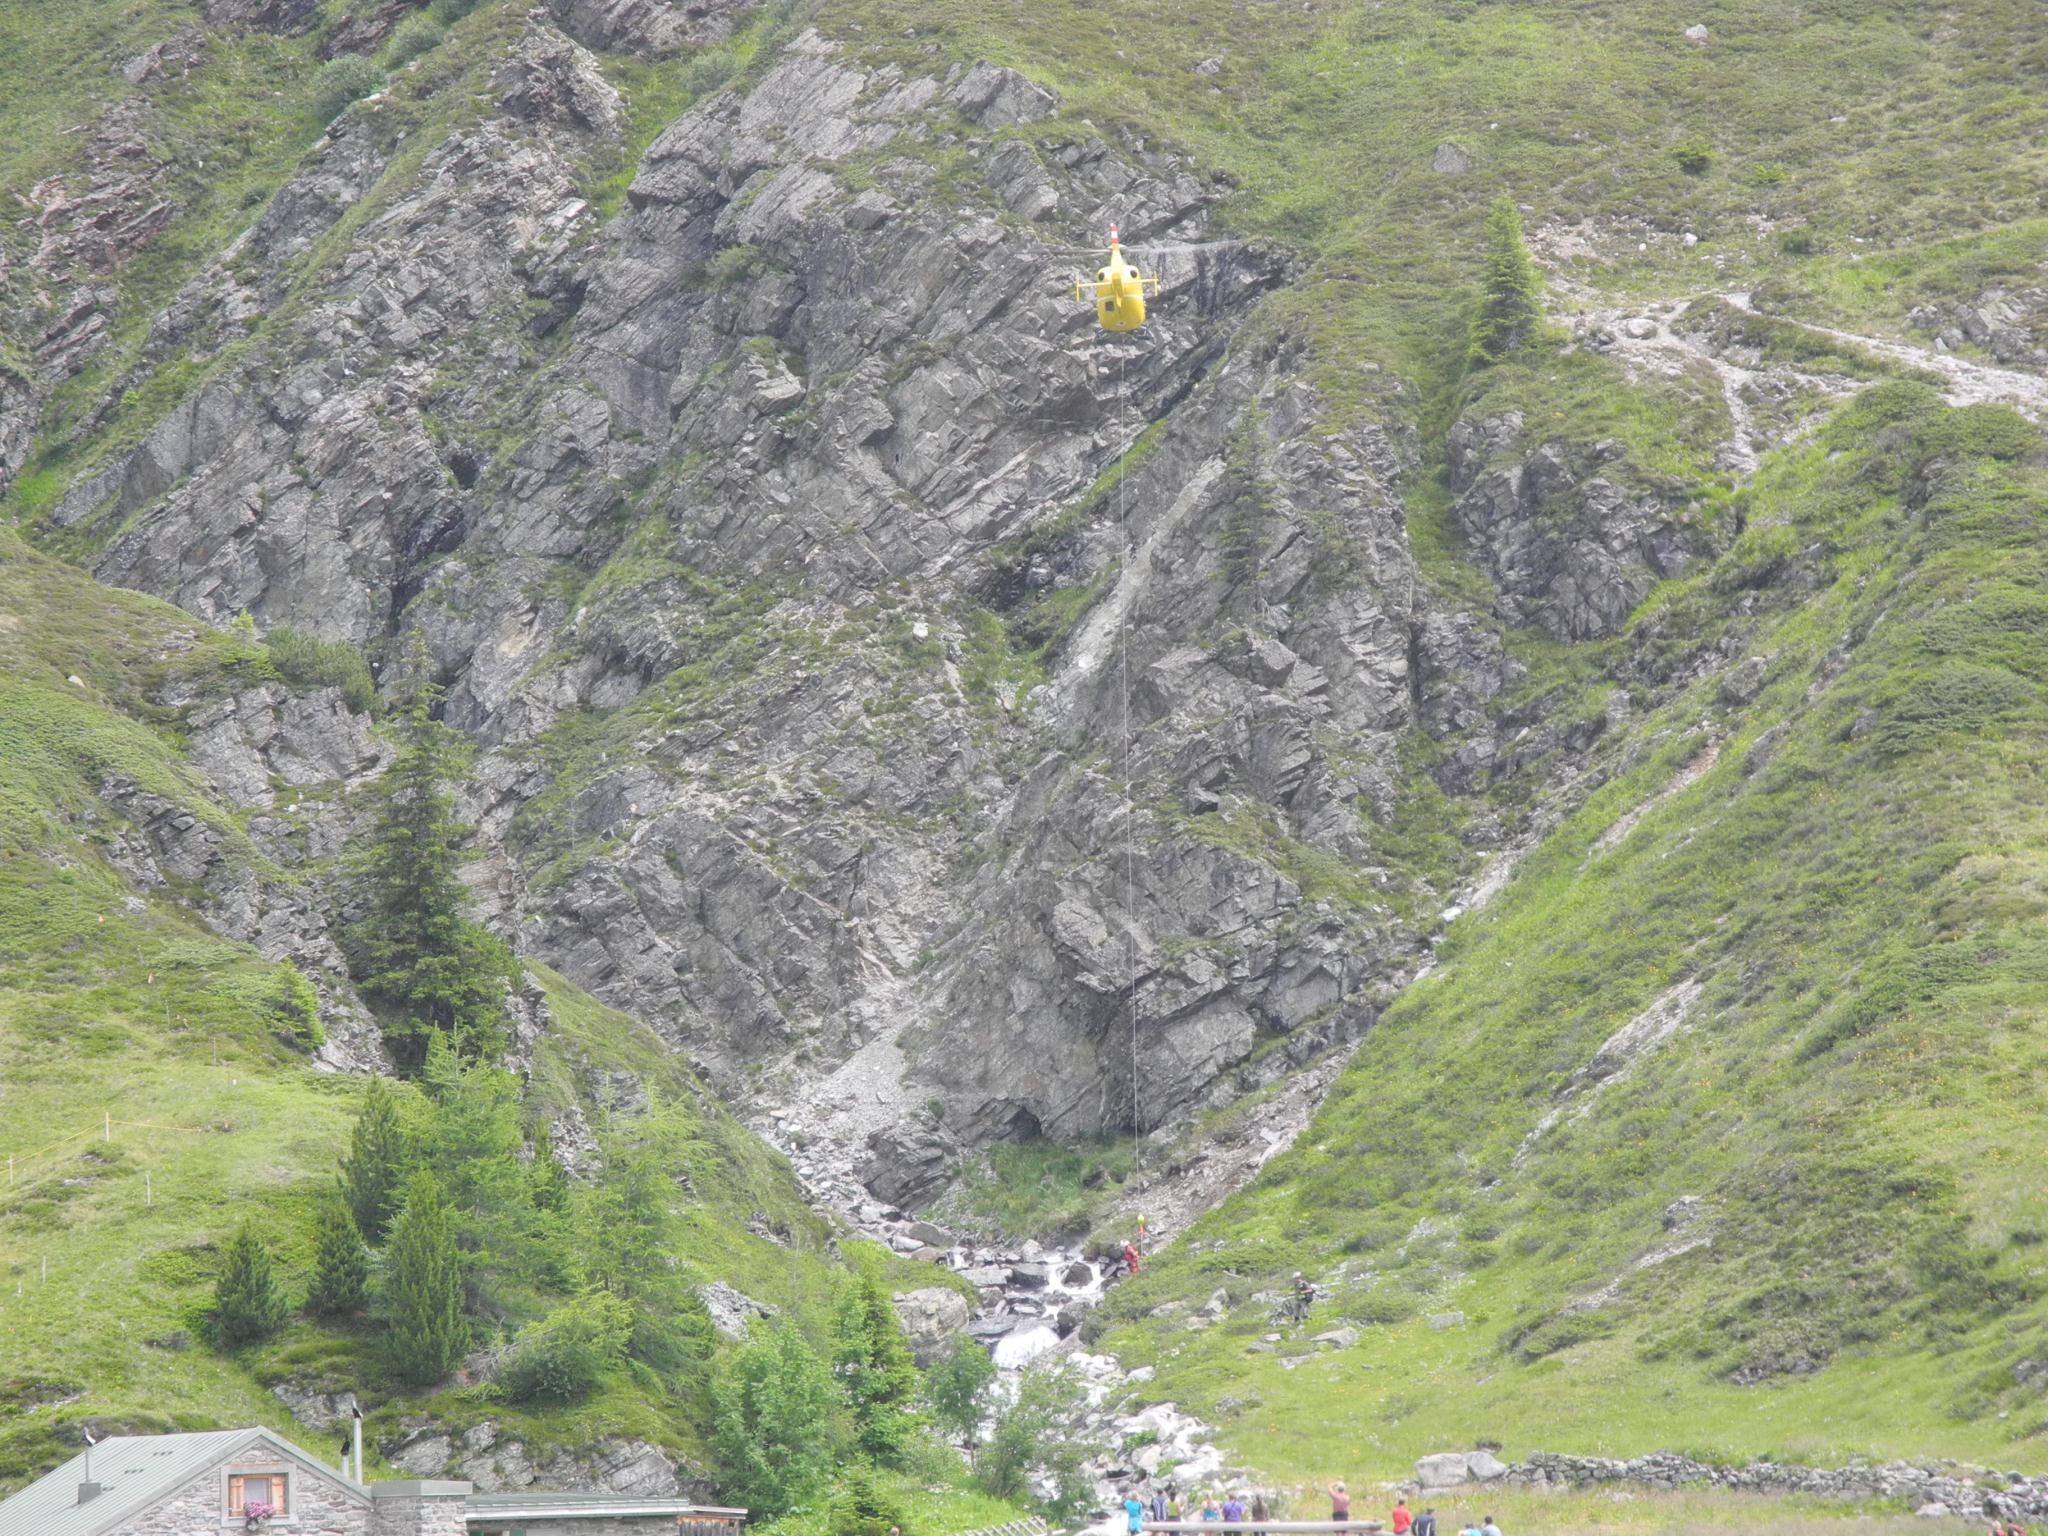 Die Bergung des verunfallten Mountainbikers durch den Rettungshubschrauber Christophorus 5.